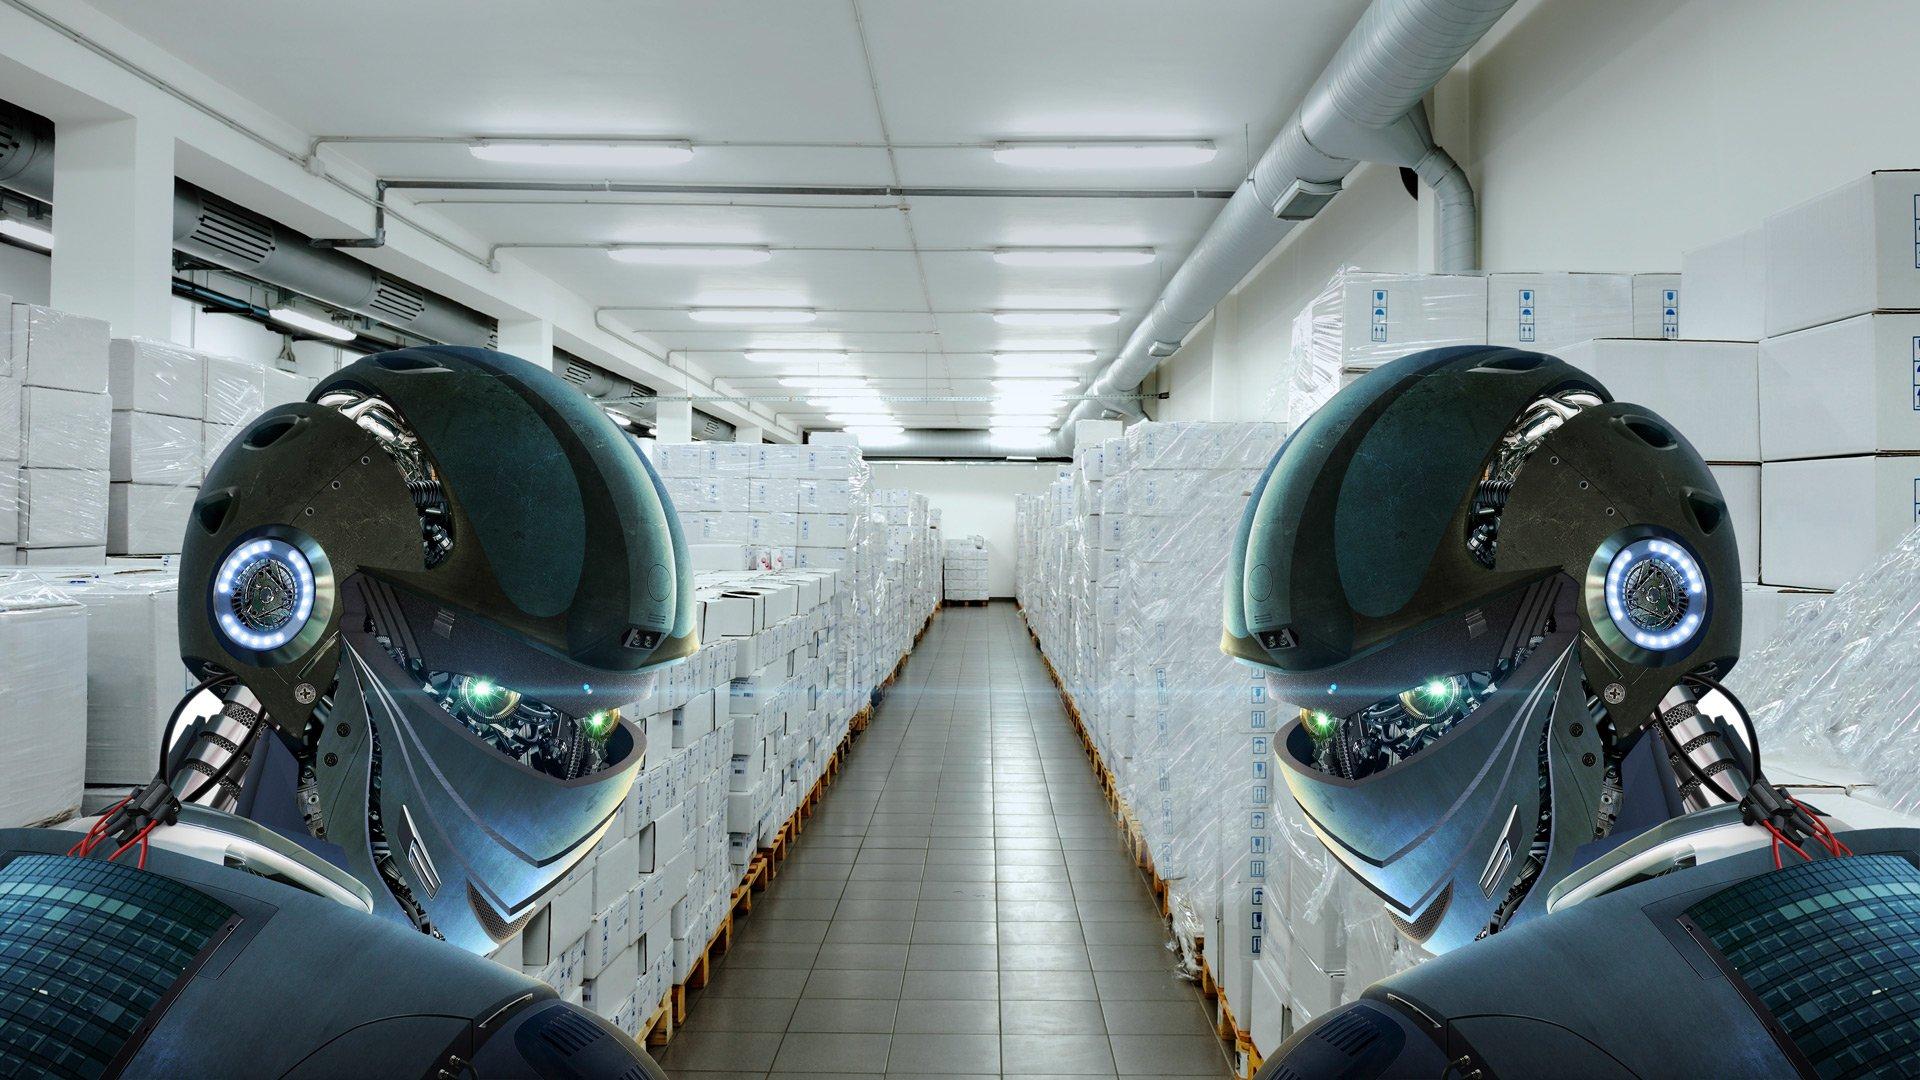 Symbolbild: 2 futuristische Roboter im Warenlager